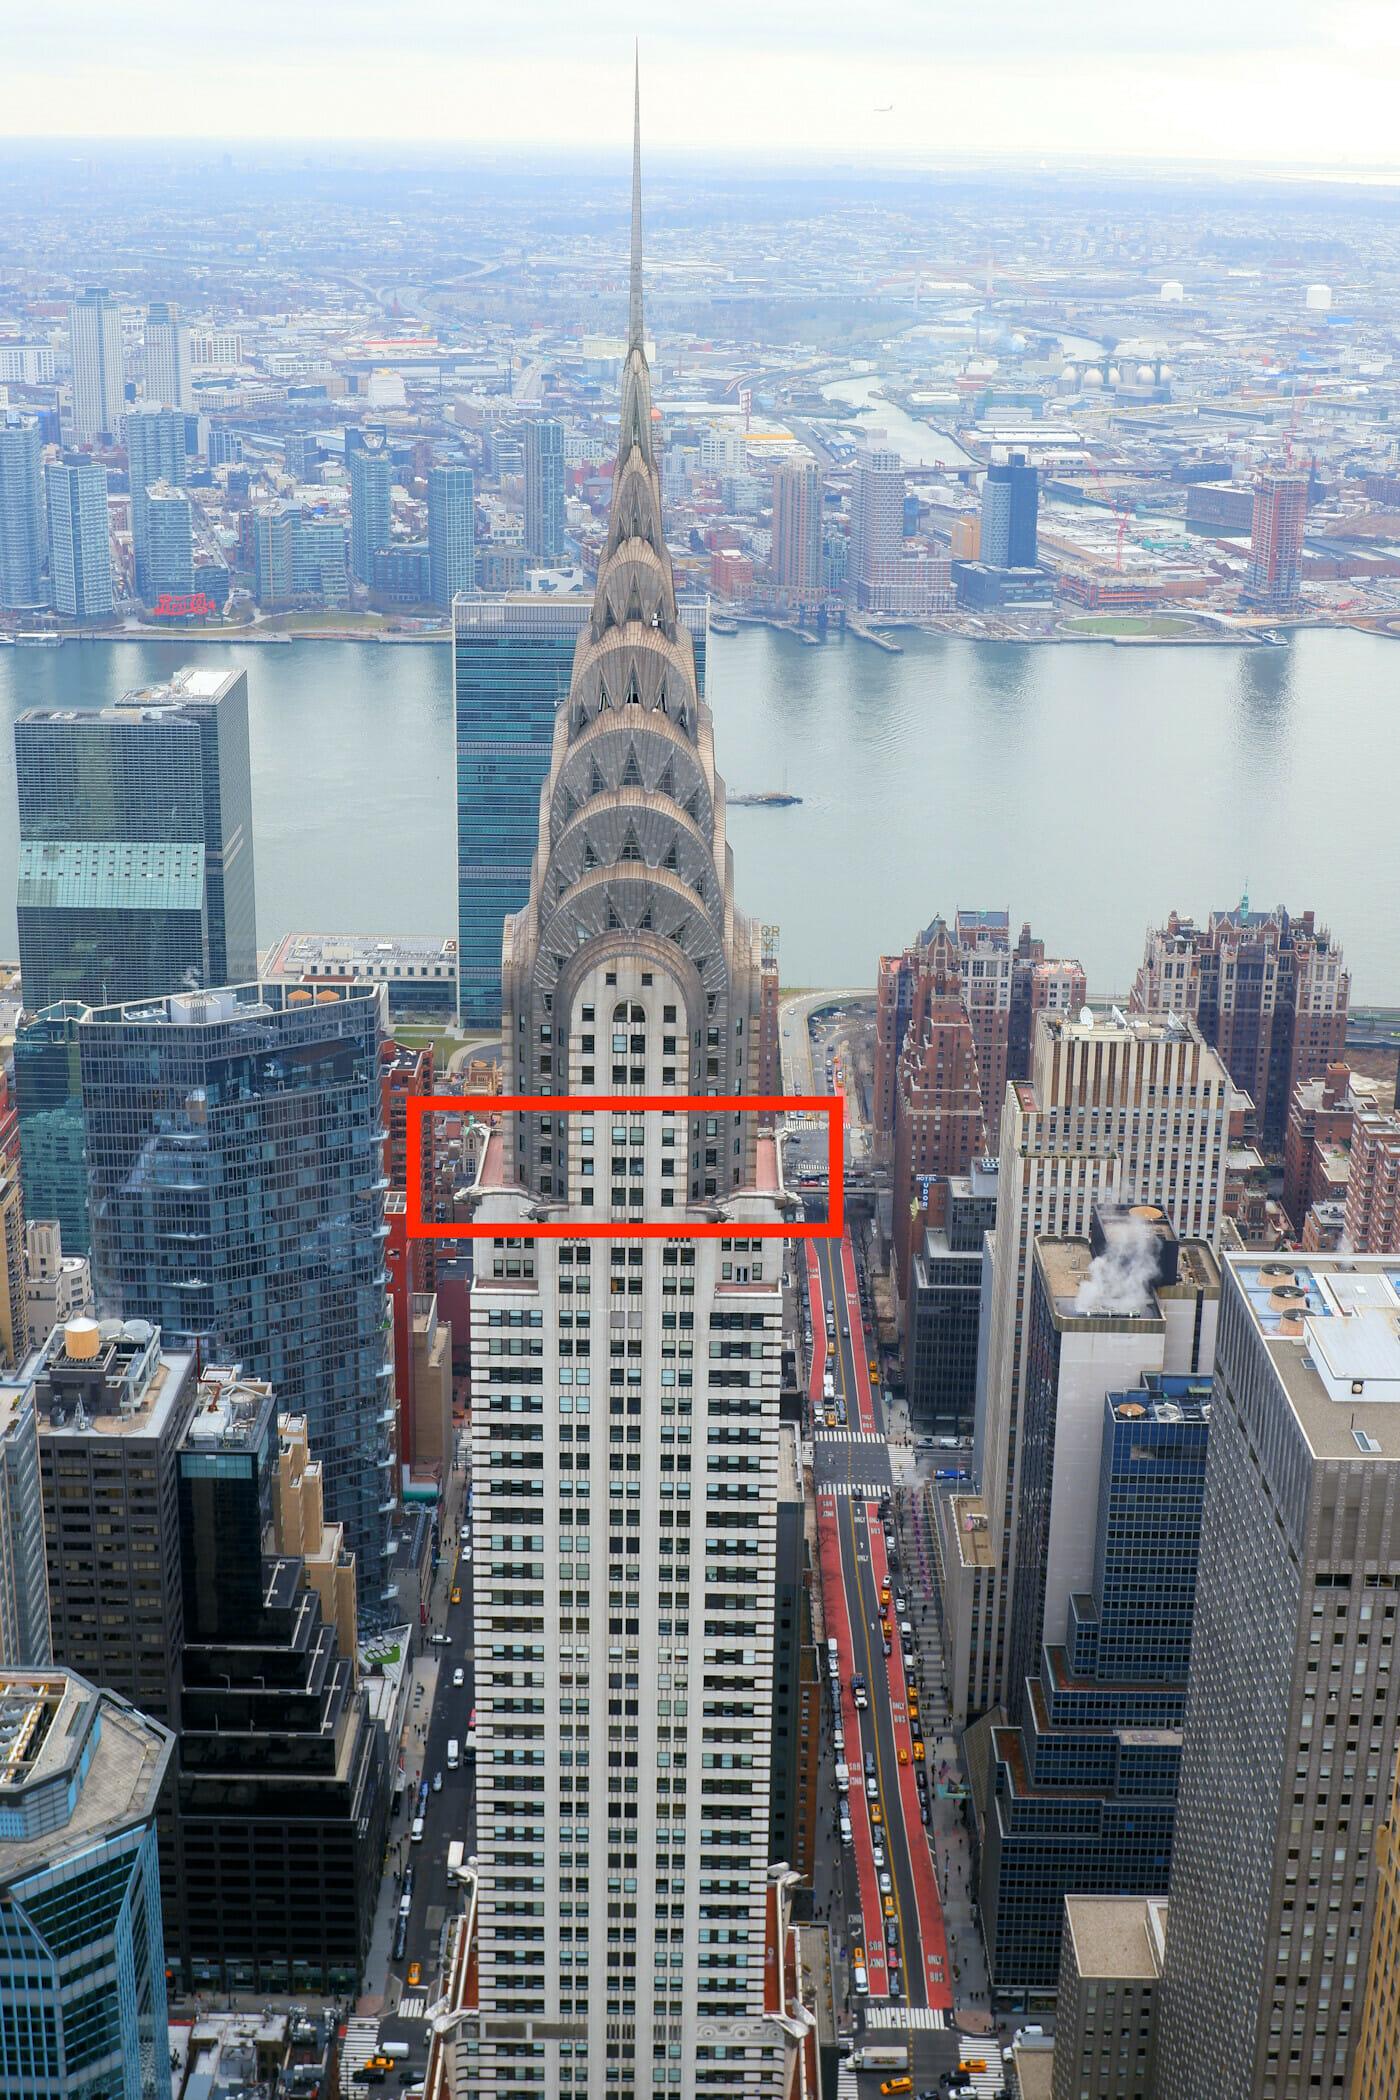 Biglietti per Chrysler Building Observation Deck - Posizione